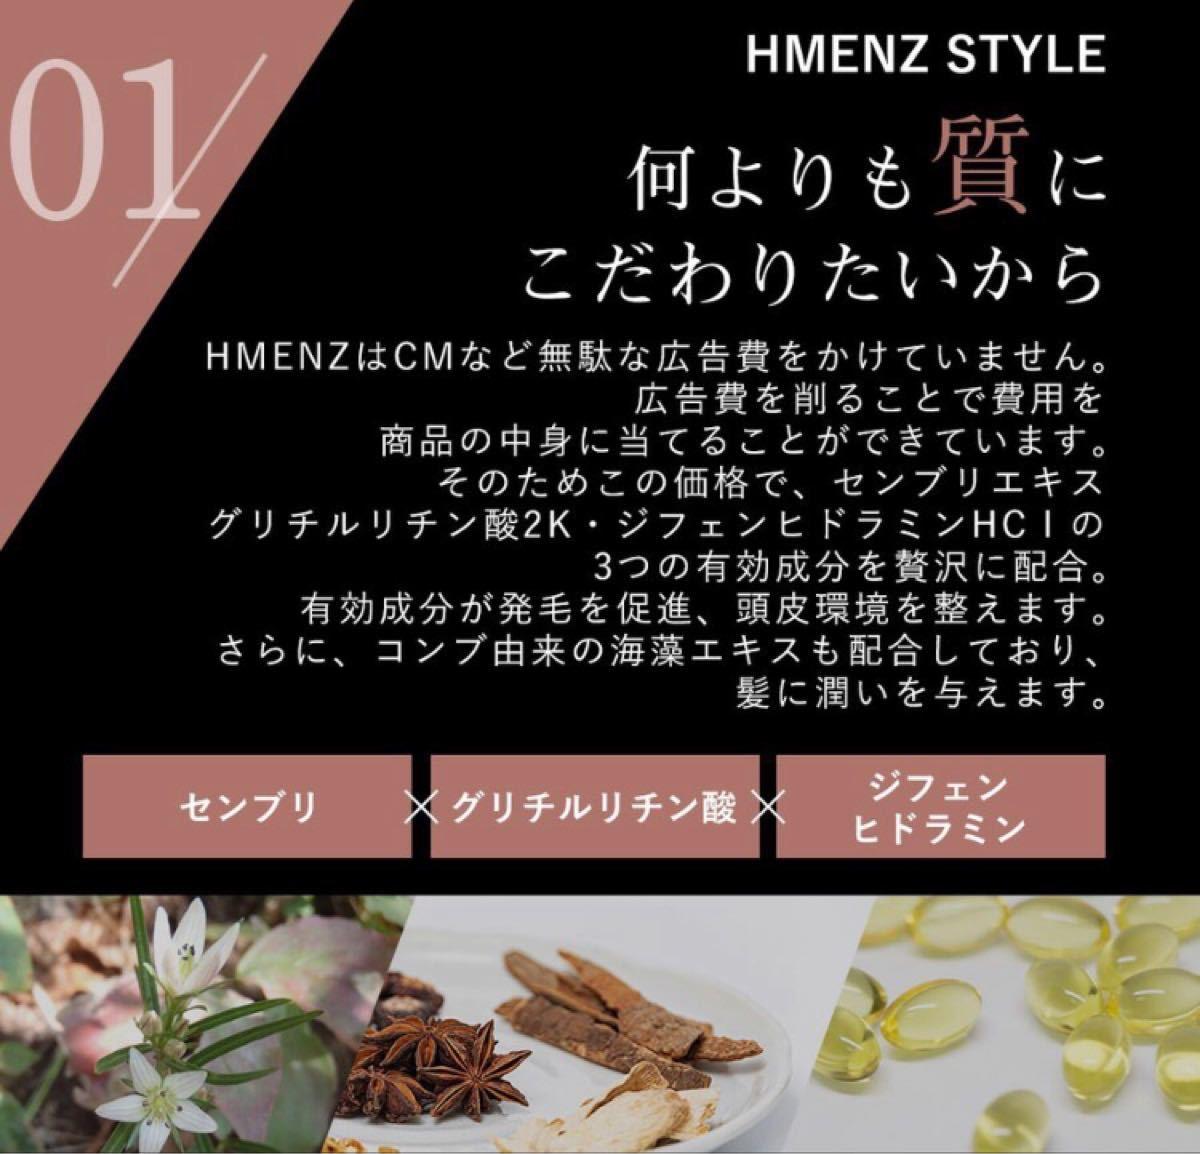 育毛トニック メンズ ヘアトニック スカルプ hmenz 120 ml